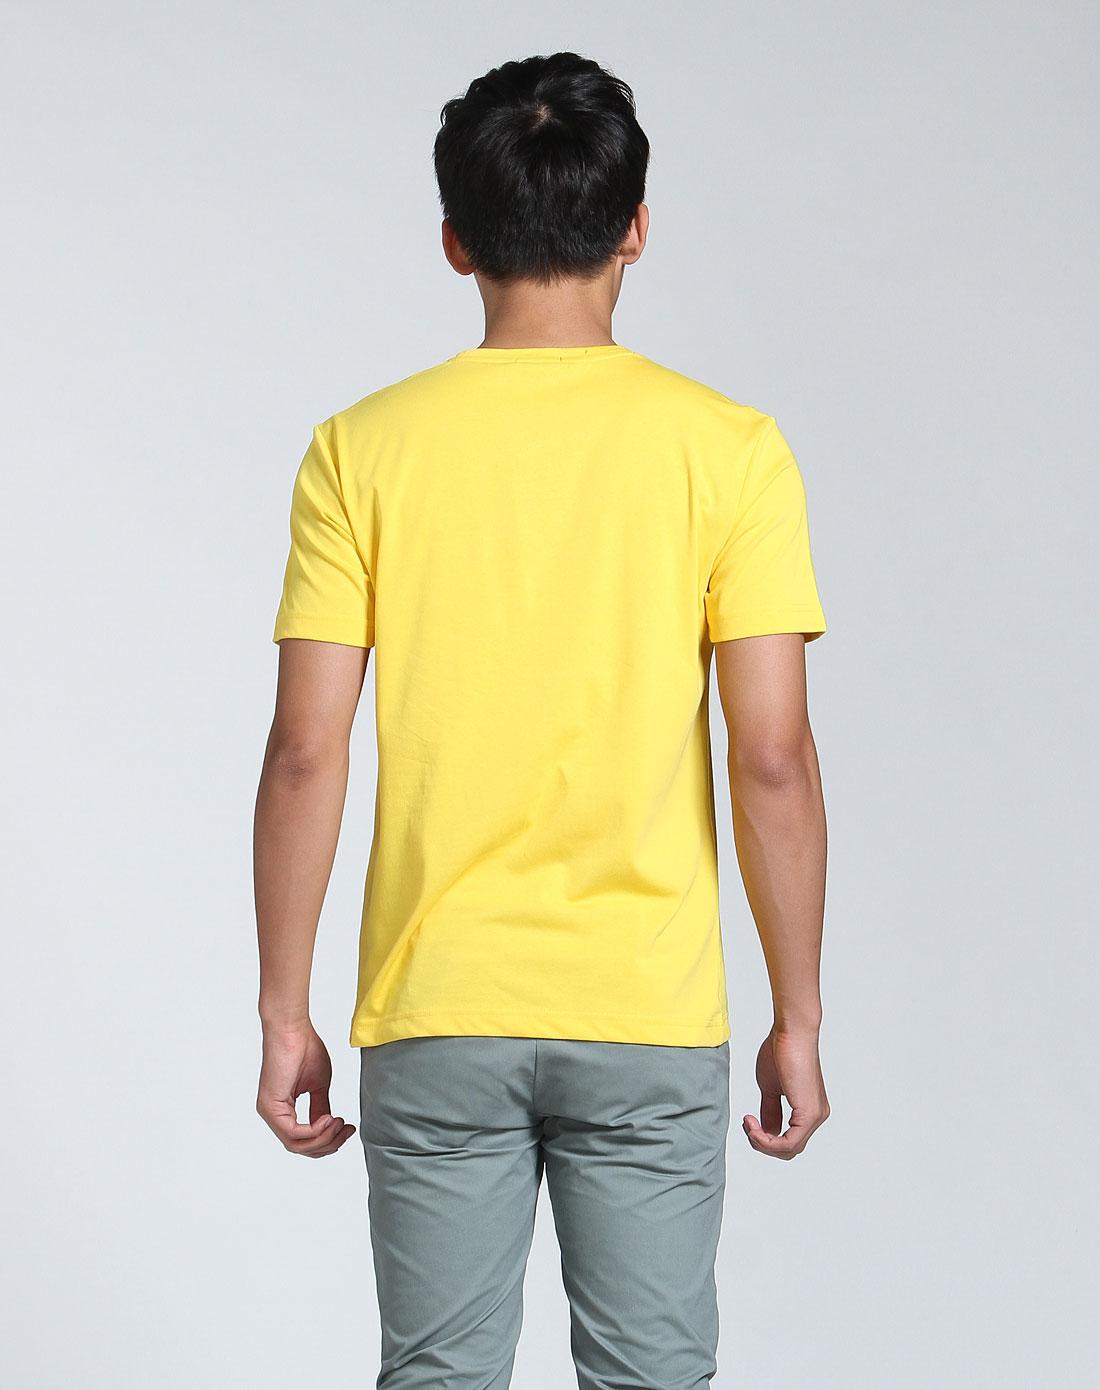 黄色帆船图案圆领短袖t恤